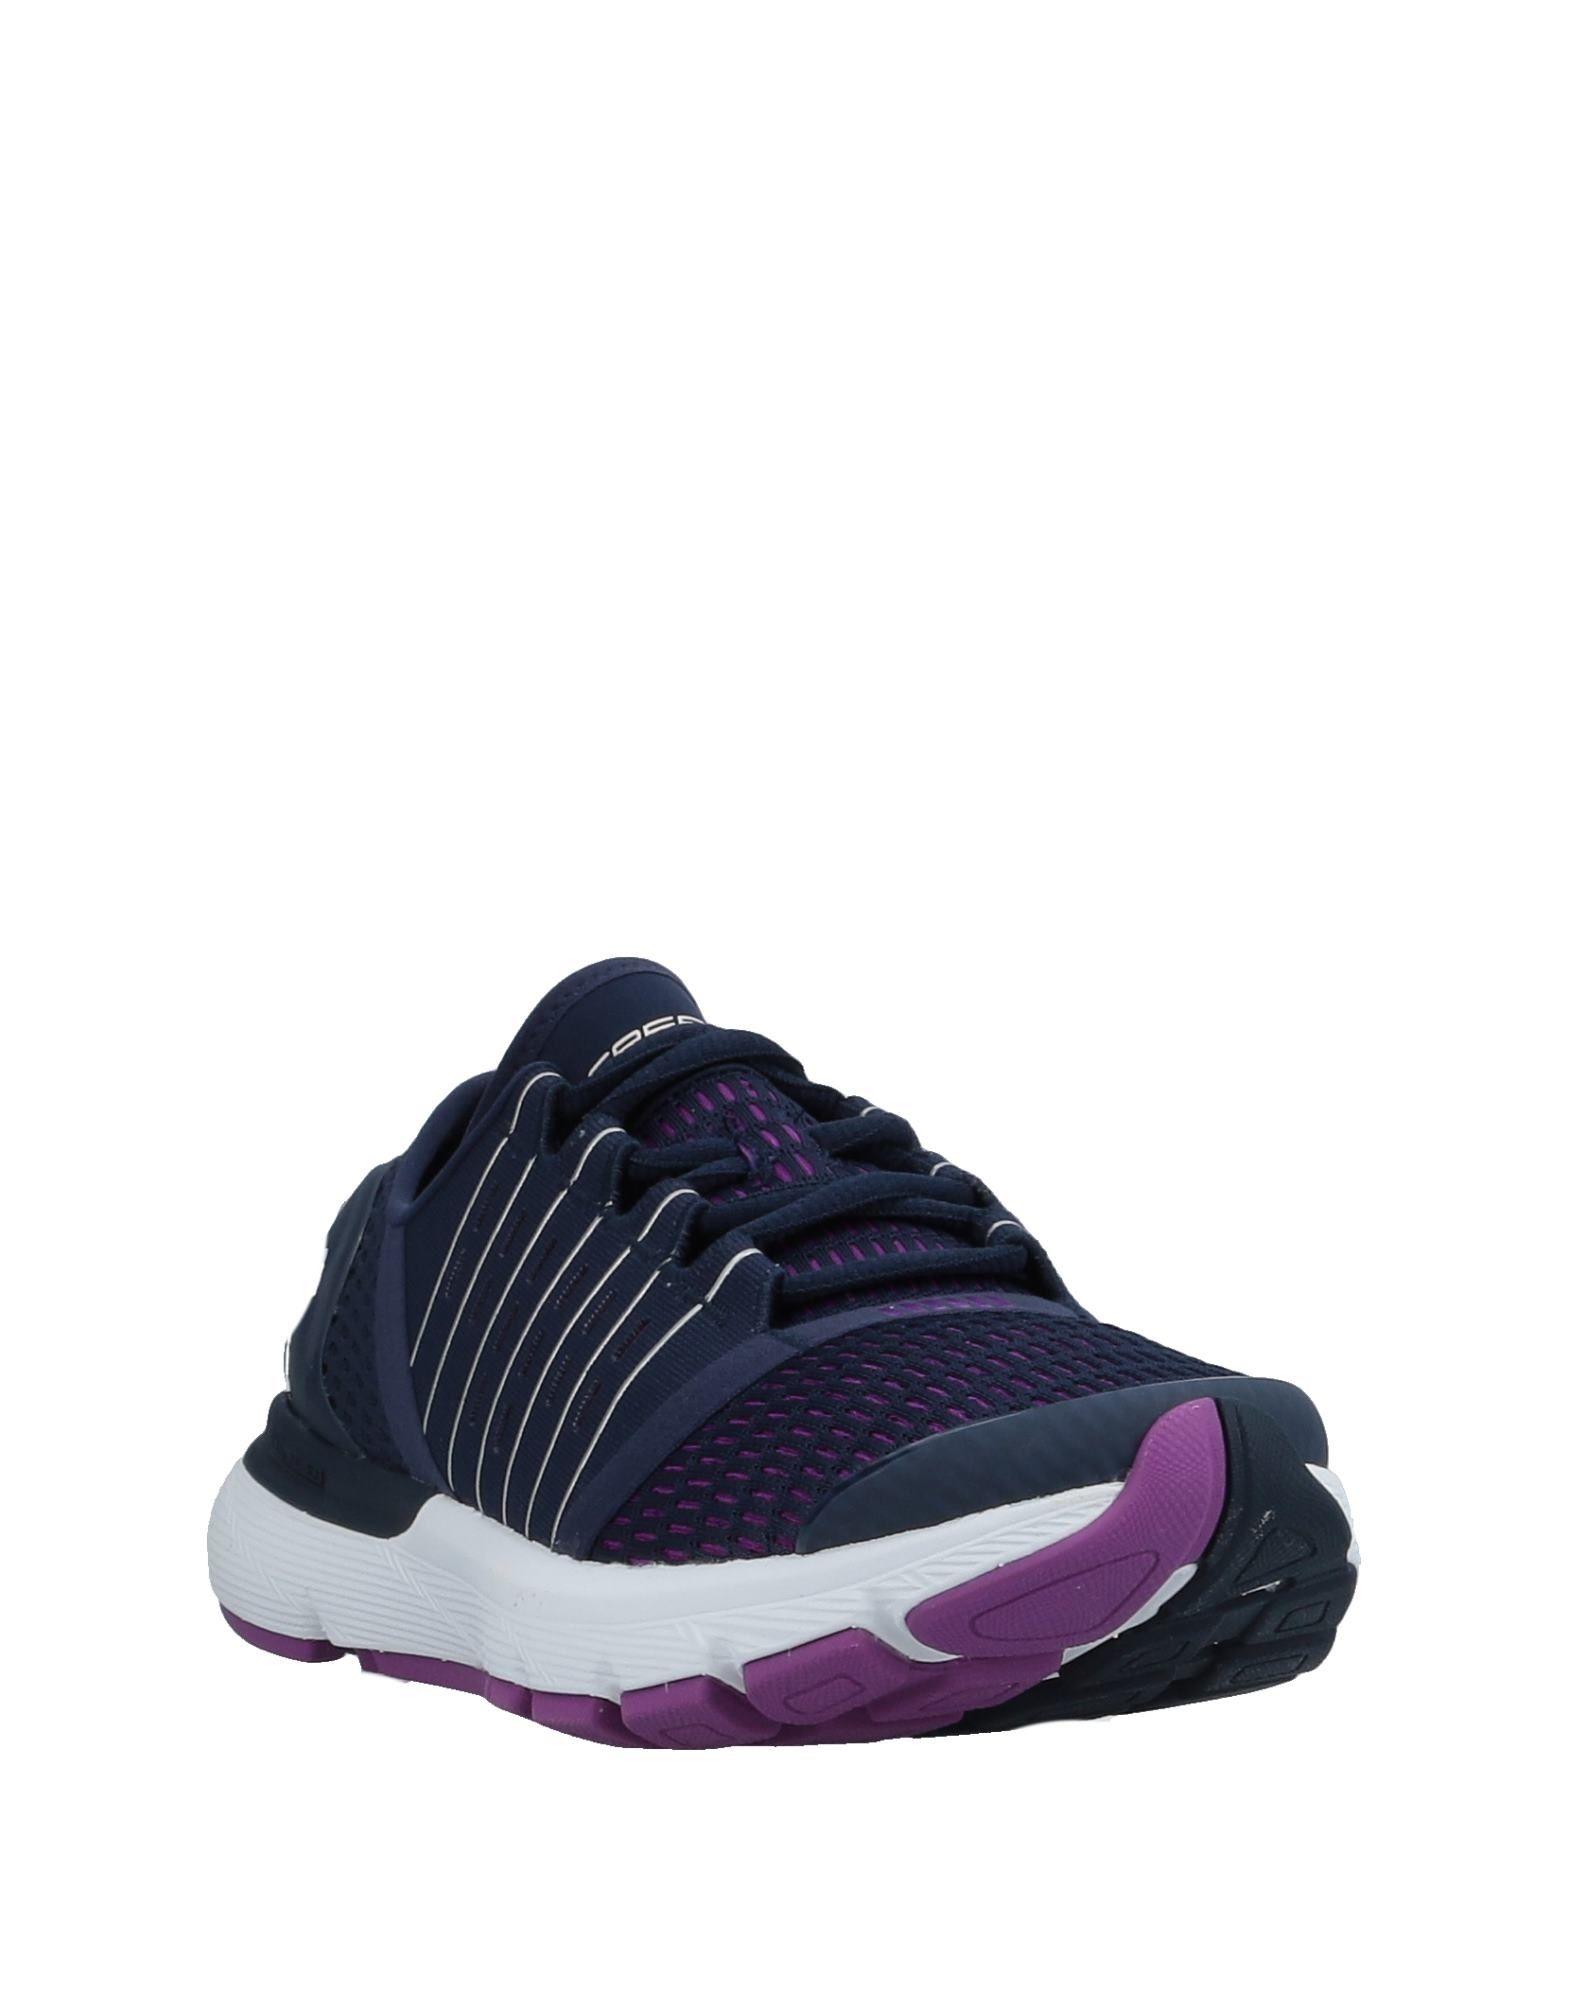 Under Armour Sneakers es Damen Gutes Preis-Leistungs-Verhältnis, es Sneakers lohnt sich 928946